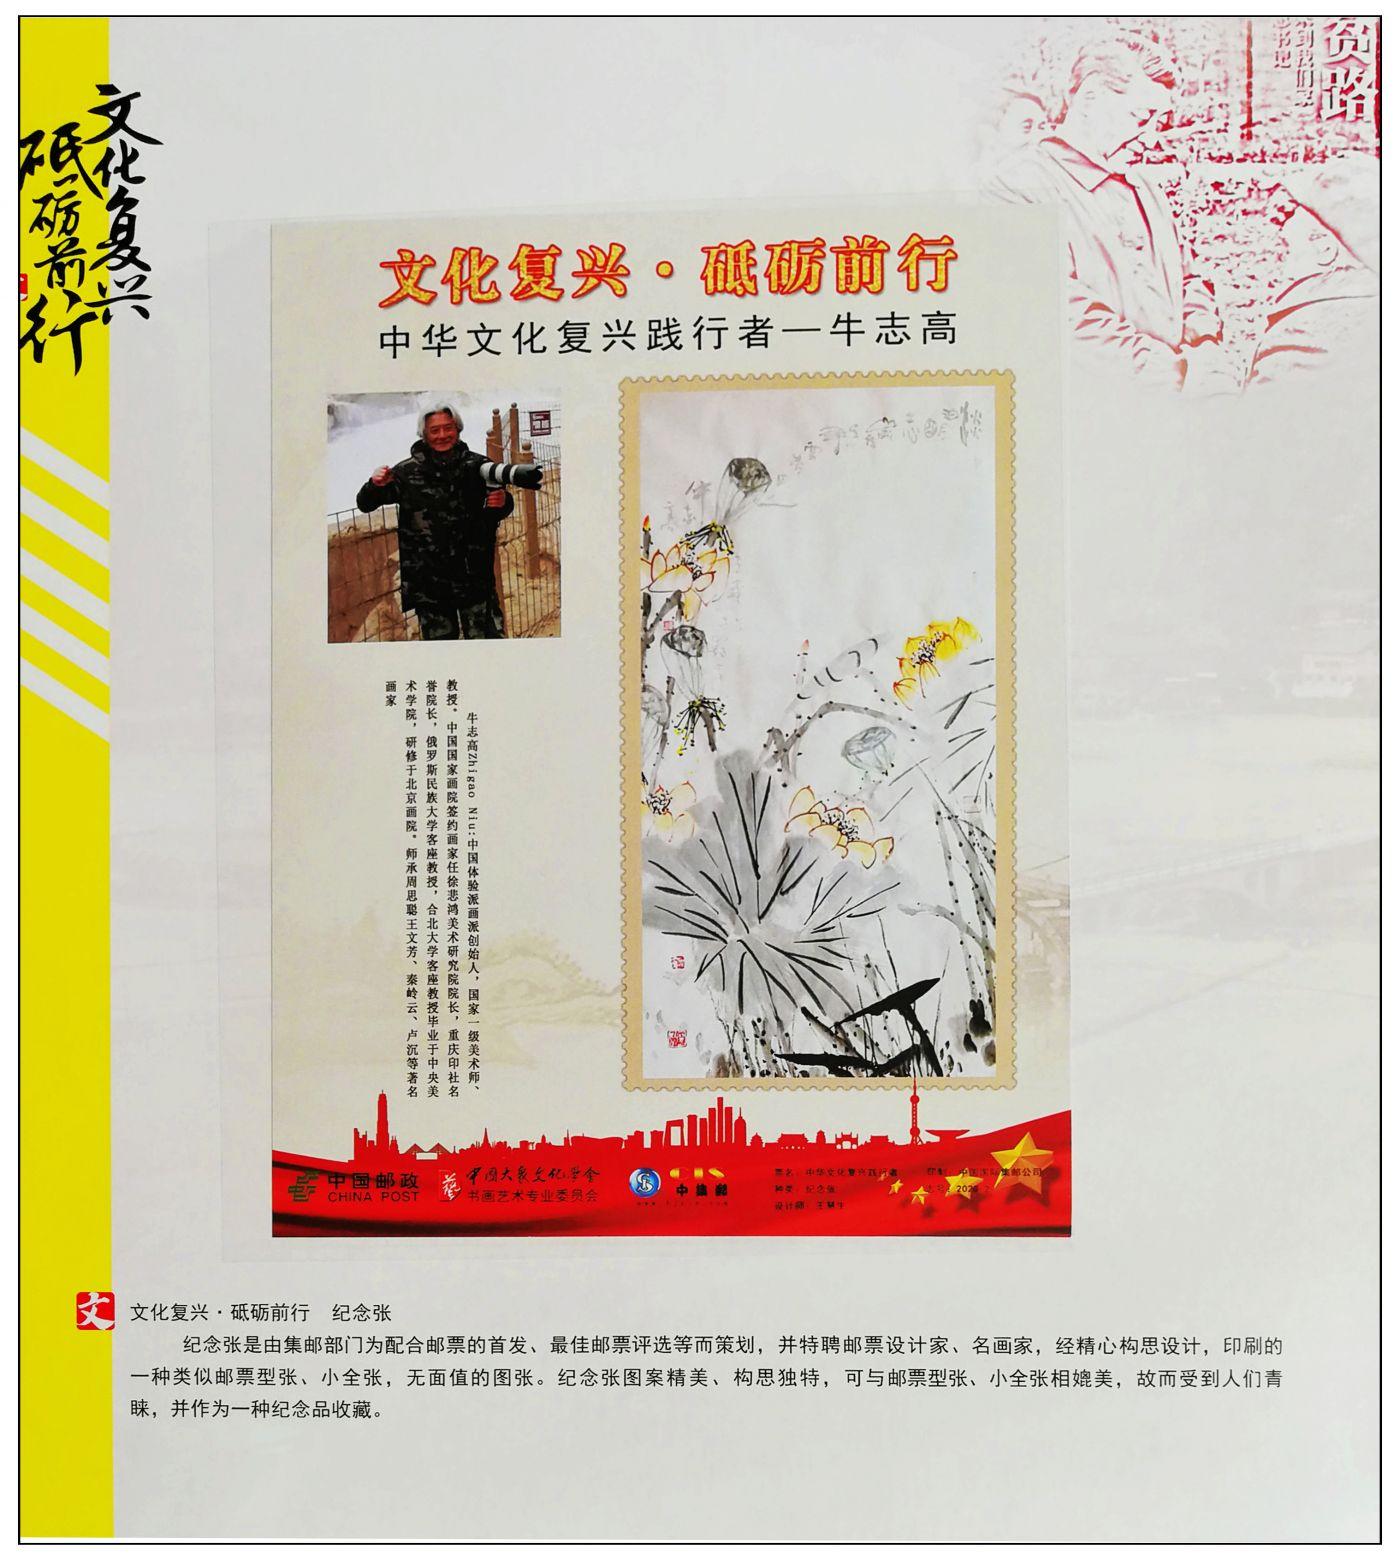 文化复兴----2020年牛志高绘画出版纪念邮票_图1-4